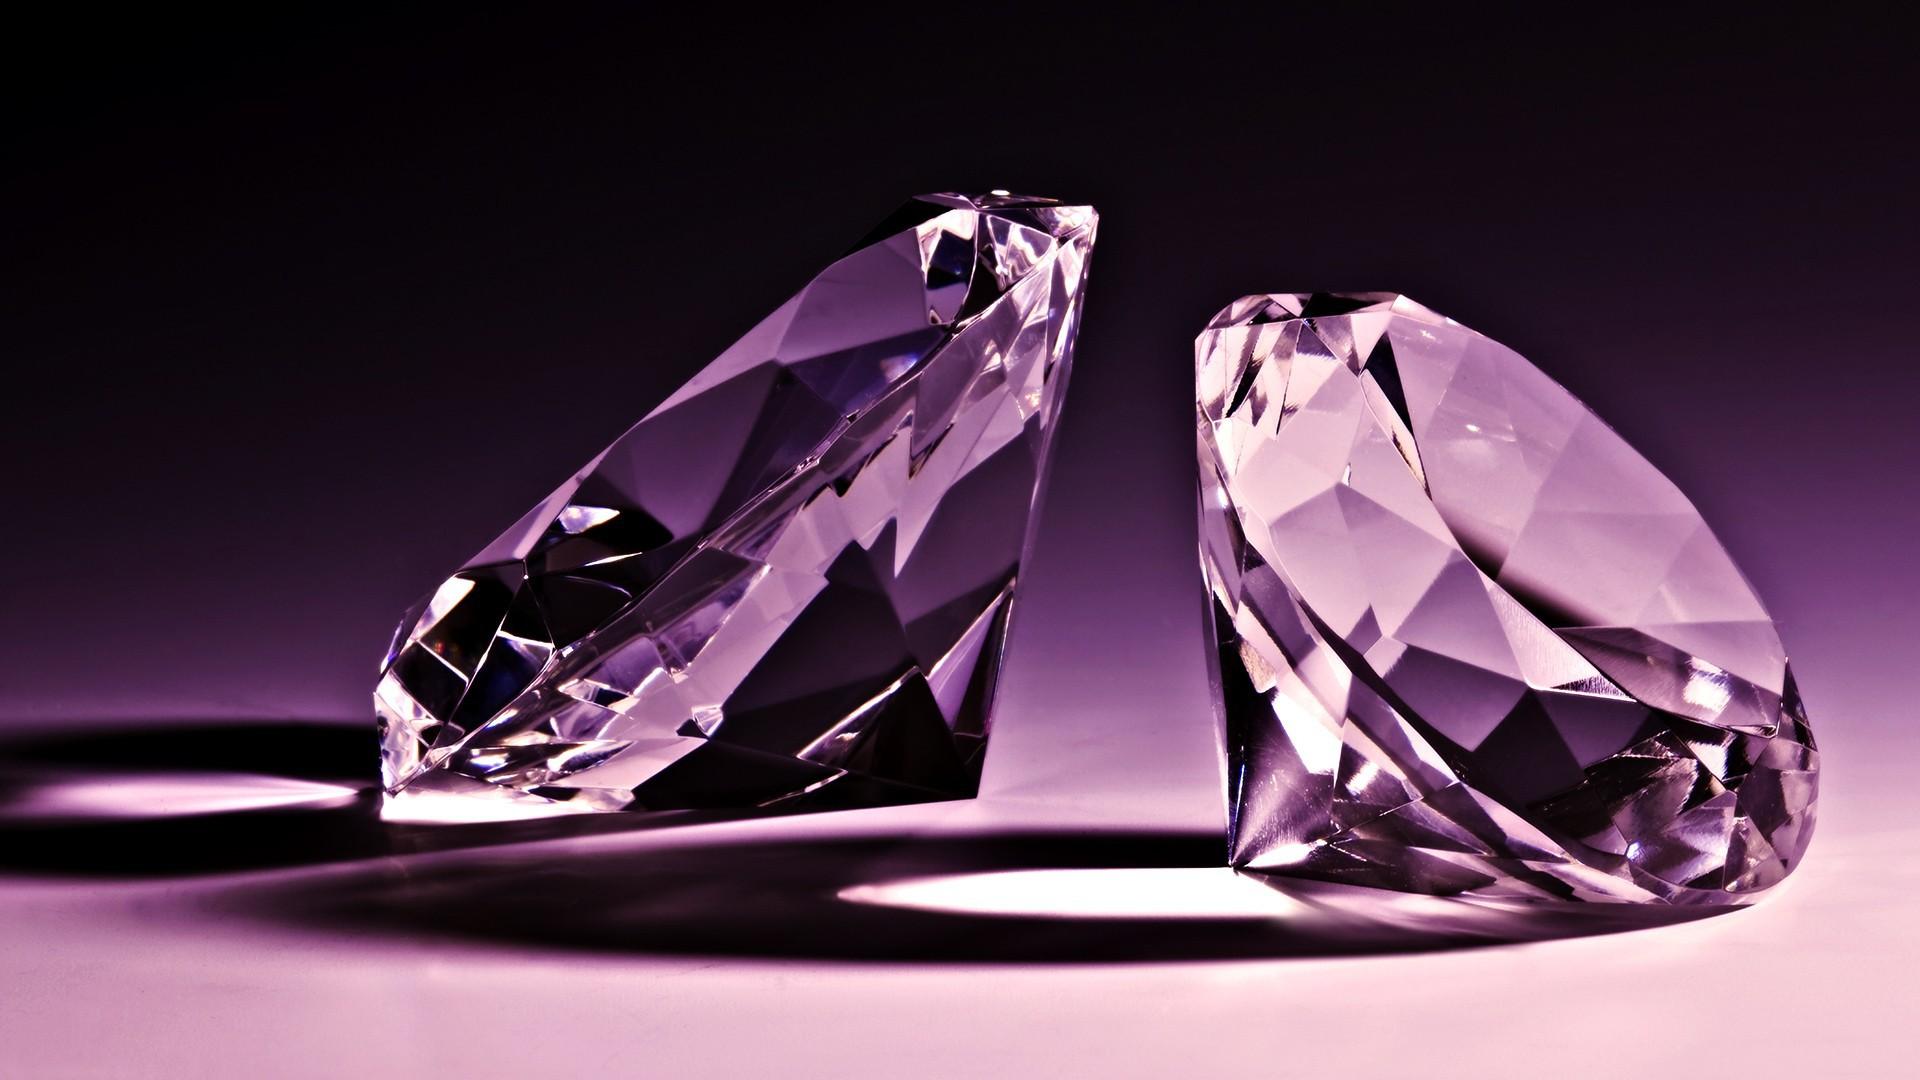 картинки красивейших алмазов любимое занятие